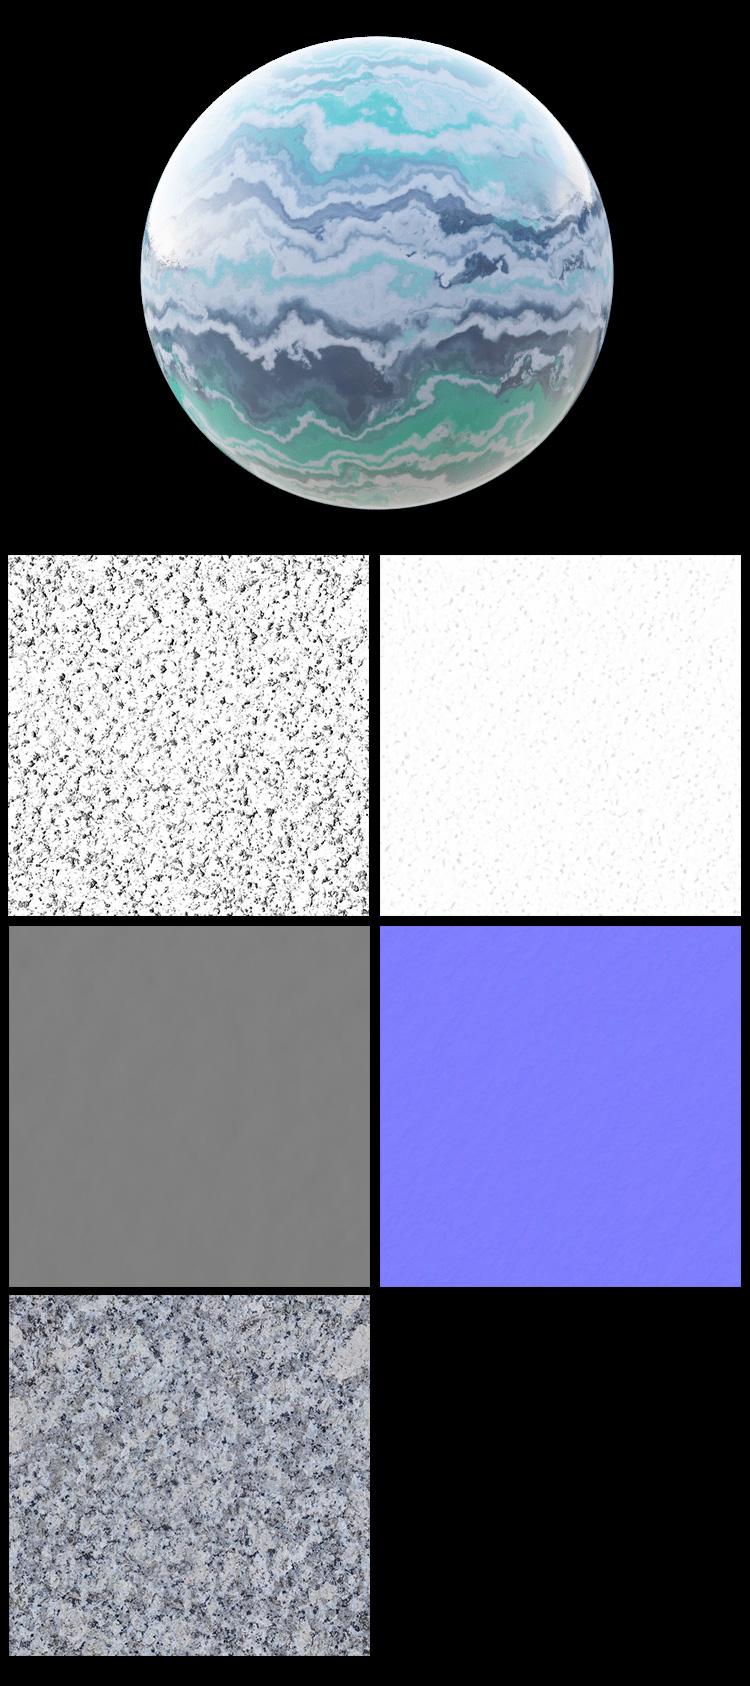 C4D瓷砖地板花纹花岗岩材质通道模型贴图法线置换凹凸素材